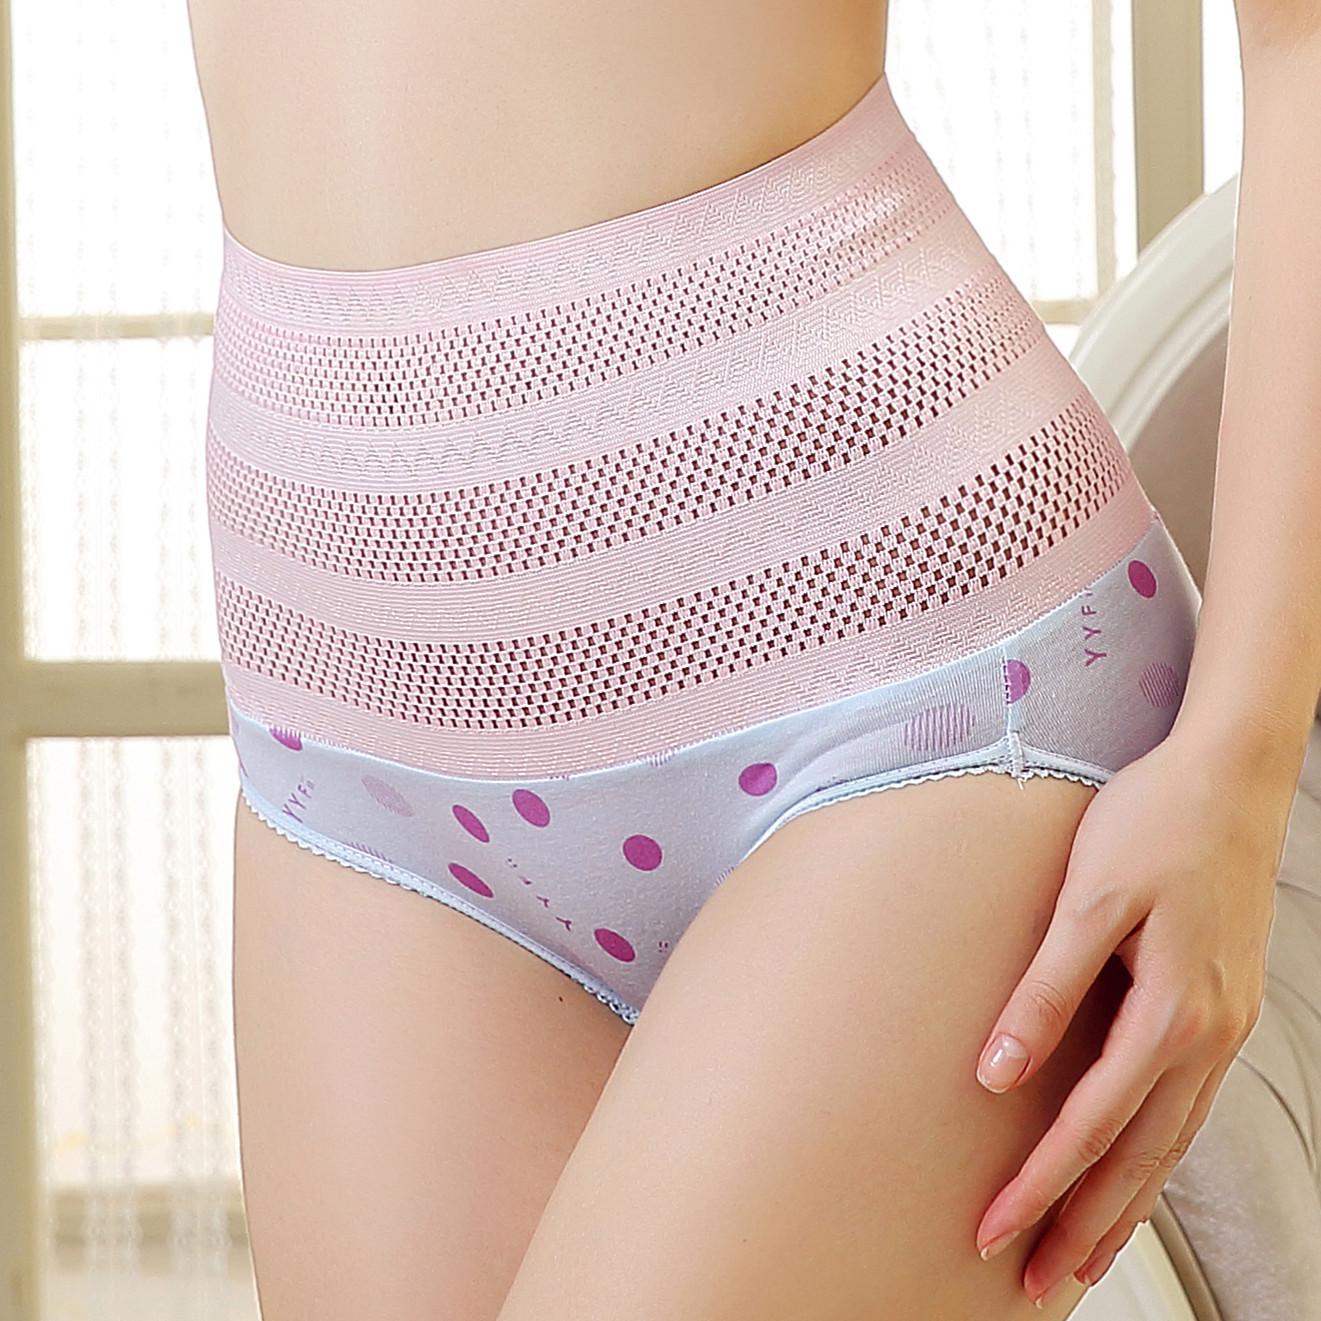 纯棉收腹内裤高腰产后短裤生育后穿收胃提臀纯棉内裤产妇使用包邮